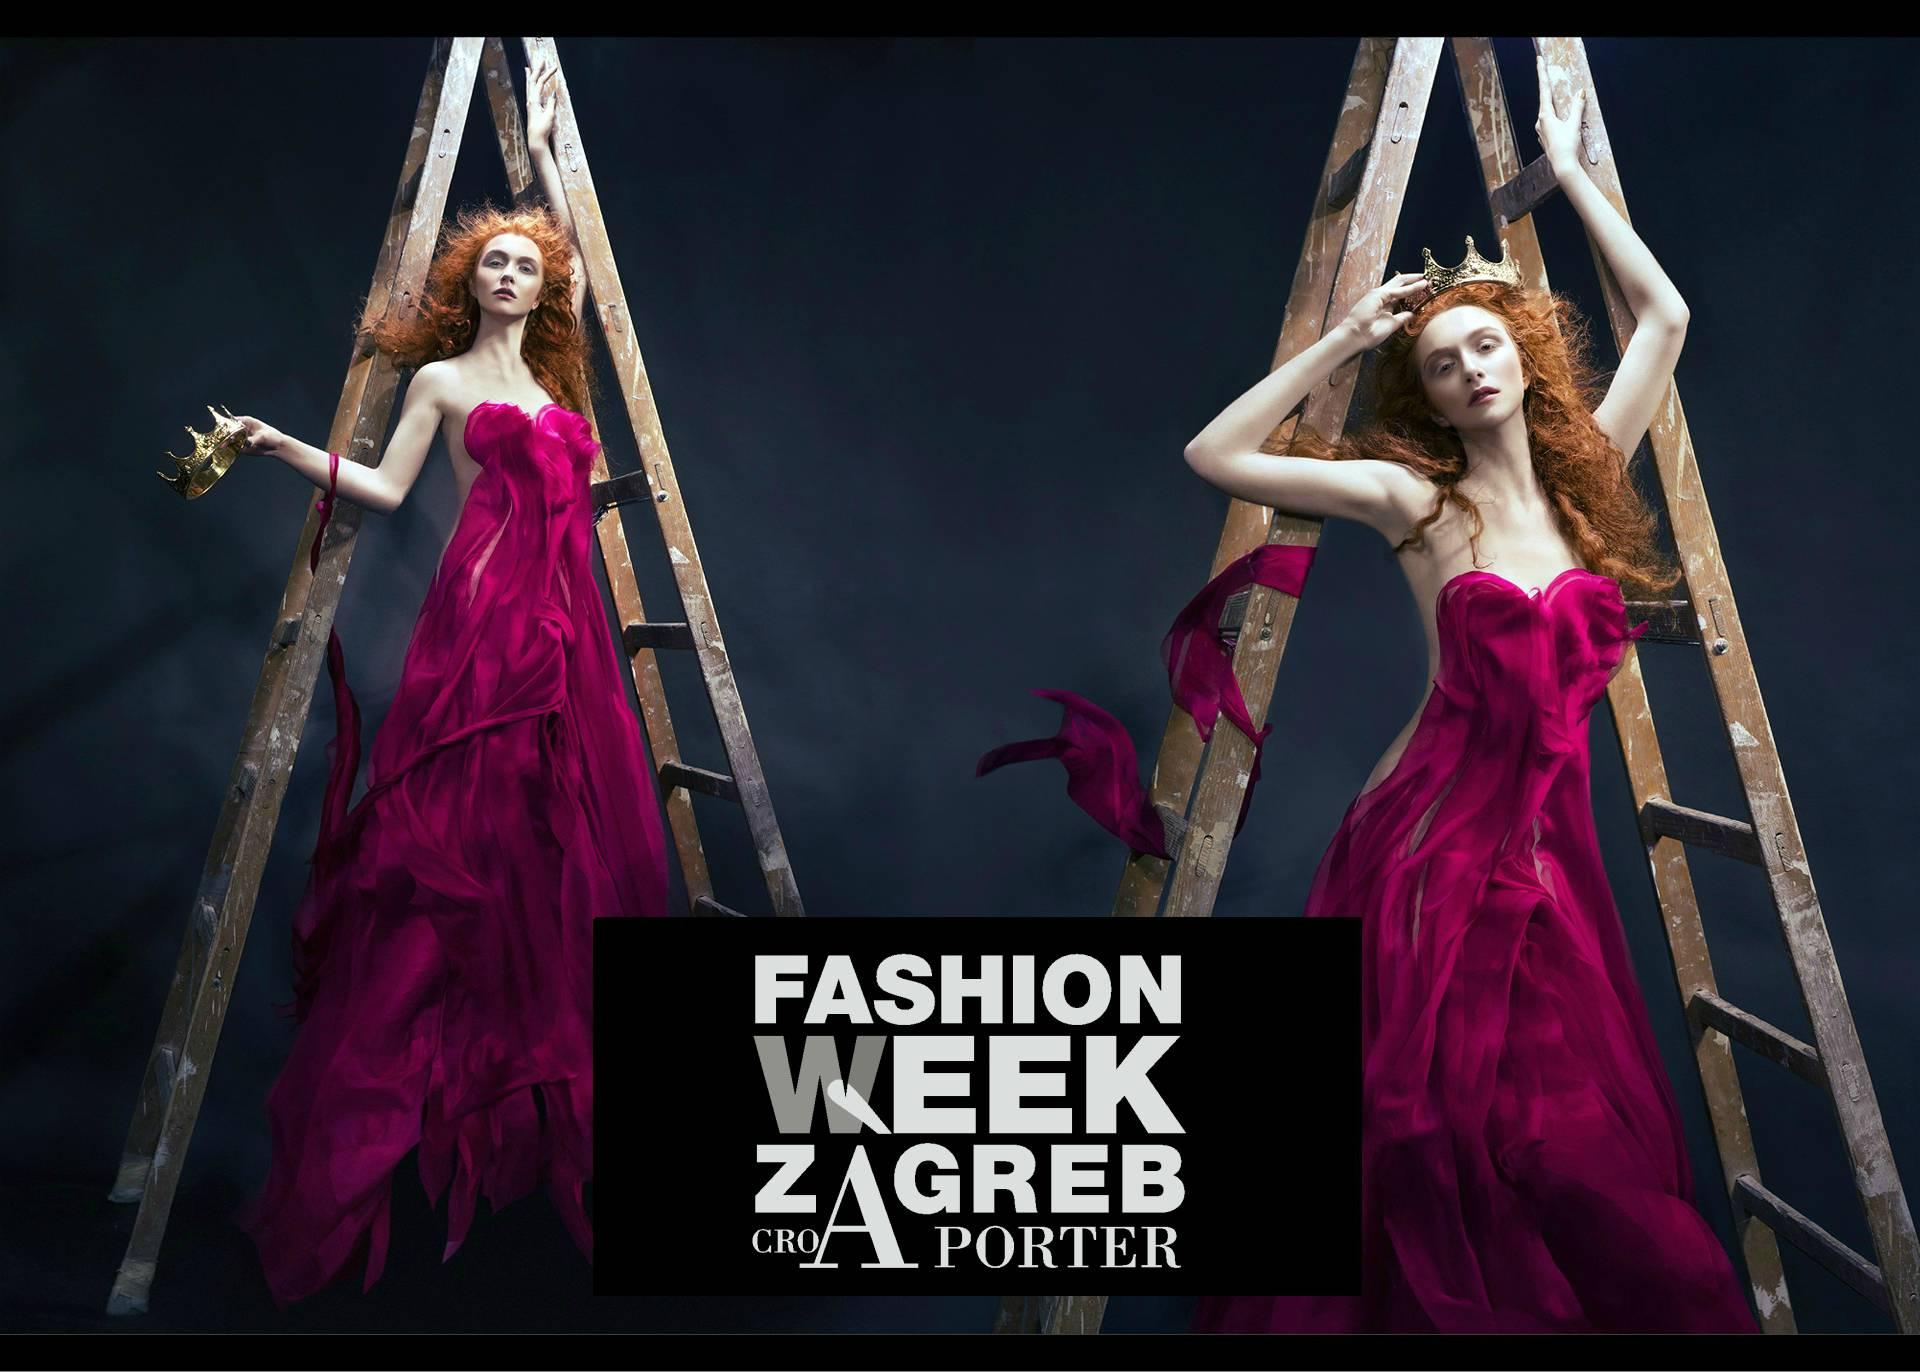 Fashion Week Zagreb i Cro a porter odlučili udružiti snage